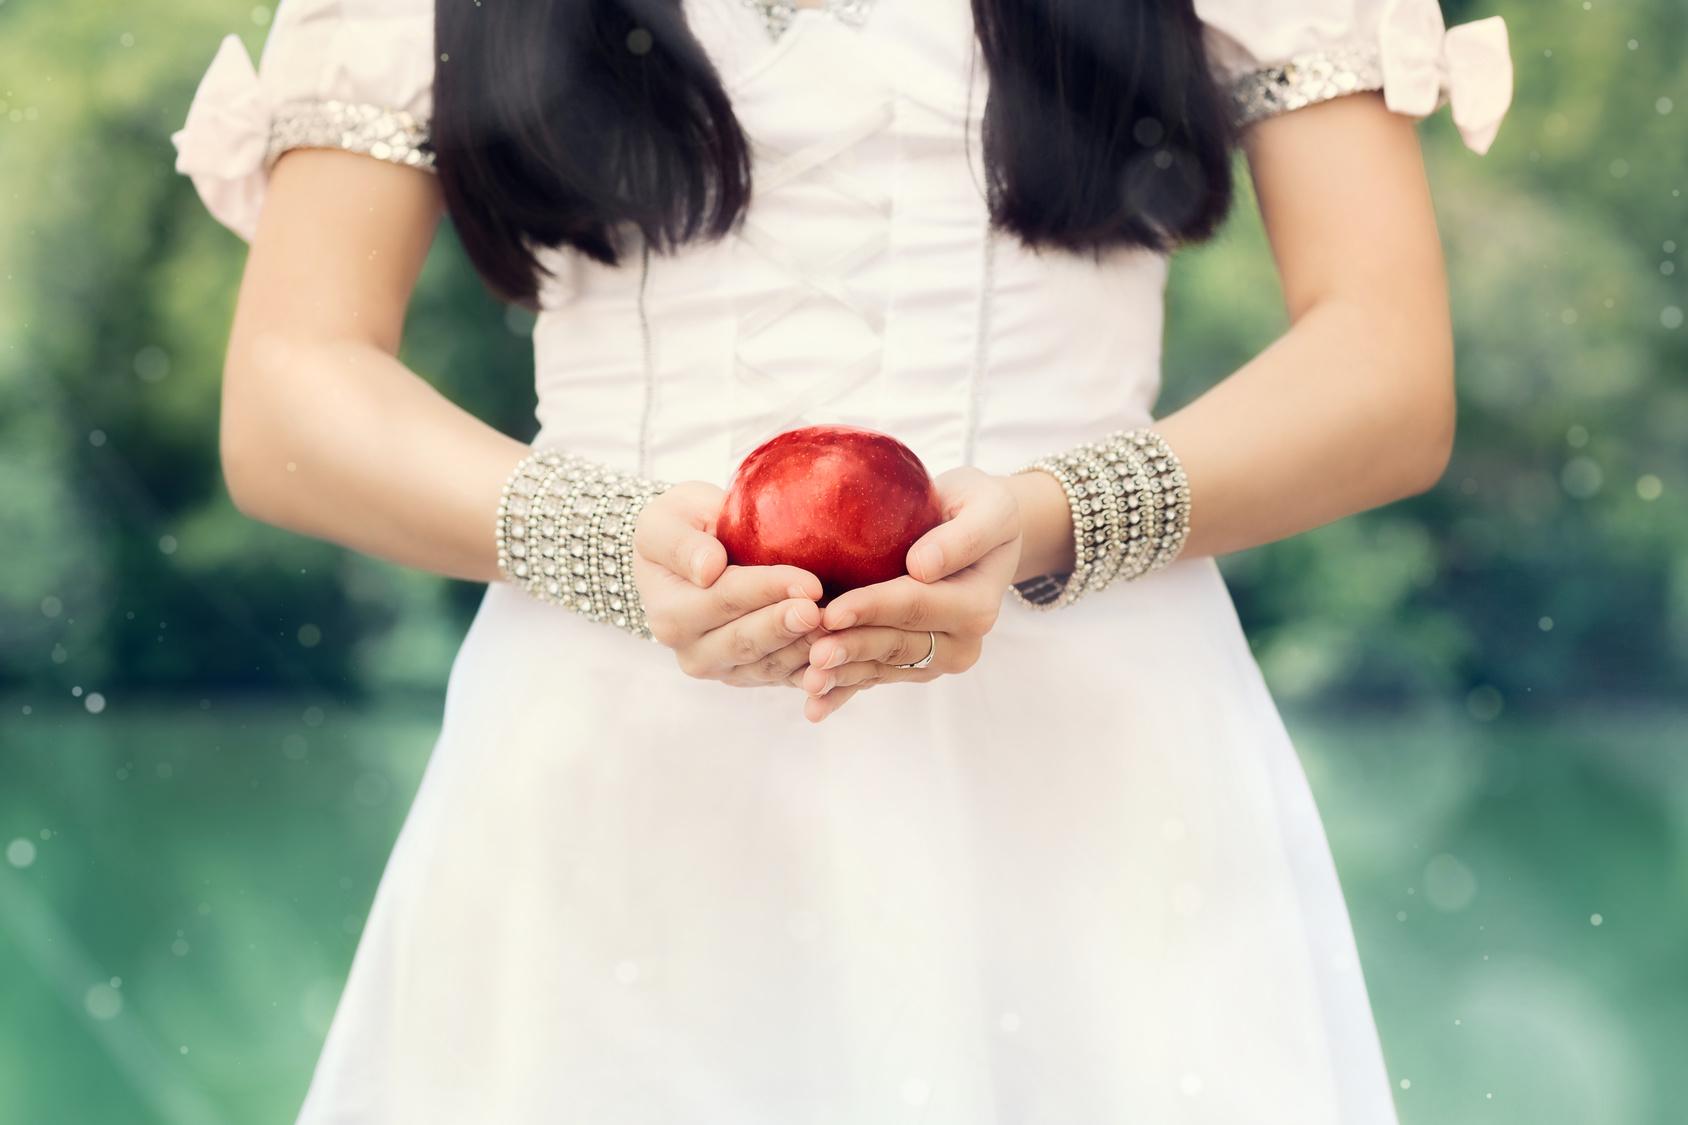 Schneewittchen Mit Dem Roten Apfel